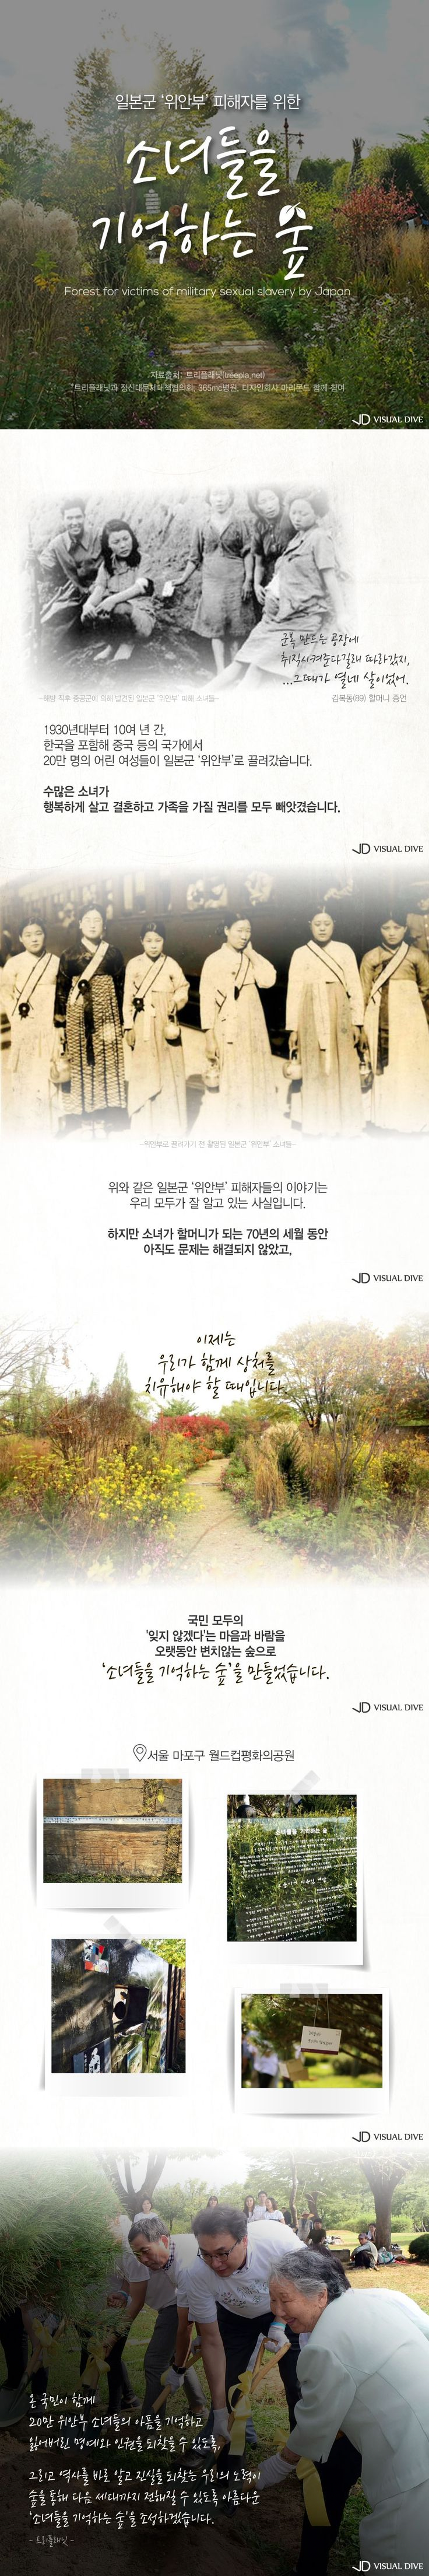 잊지마세요… 위안부 소녀들을 기억하는 숲 [카드뉴스] #Comfort_Women_forest / #Infographic ⓒ 비주얼다이브 무단 복사·전재  ·재배포 금지